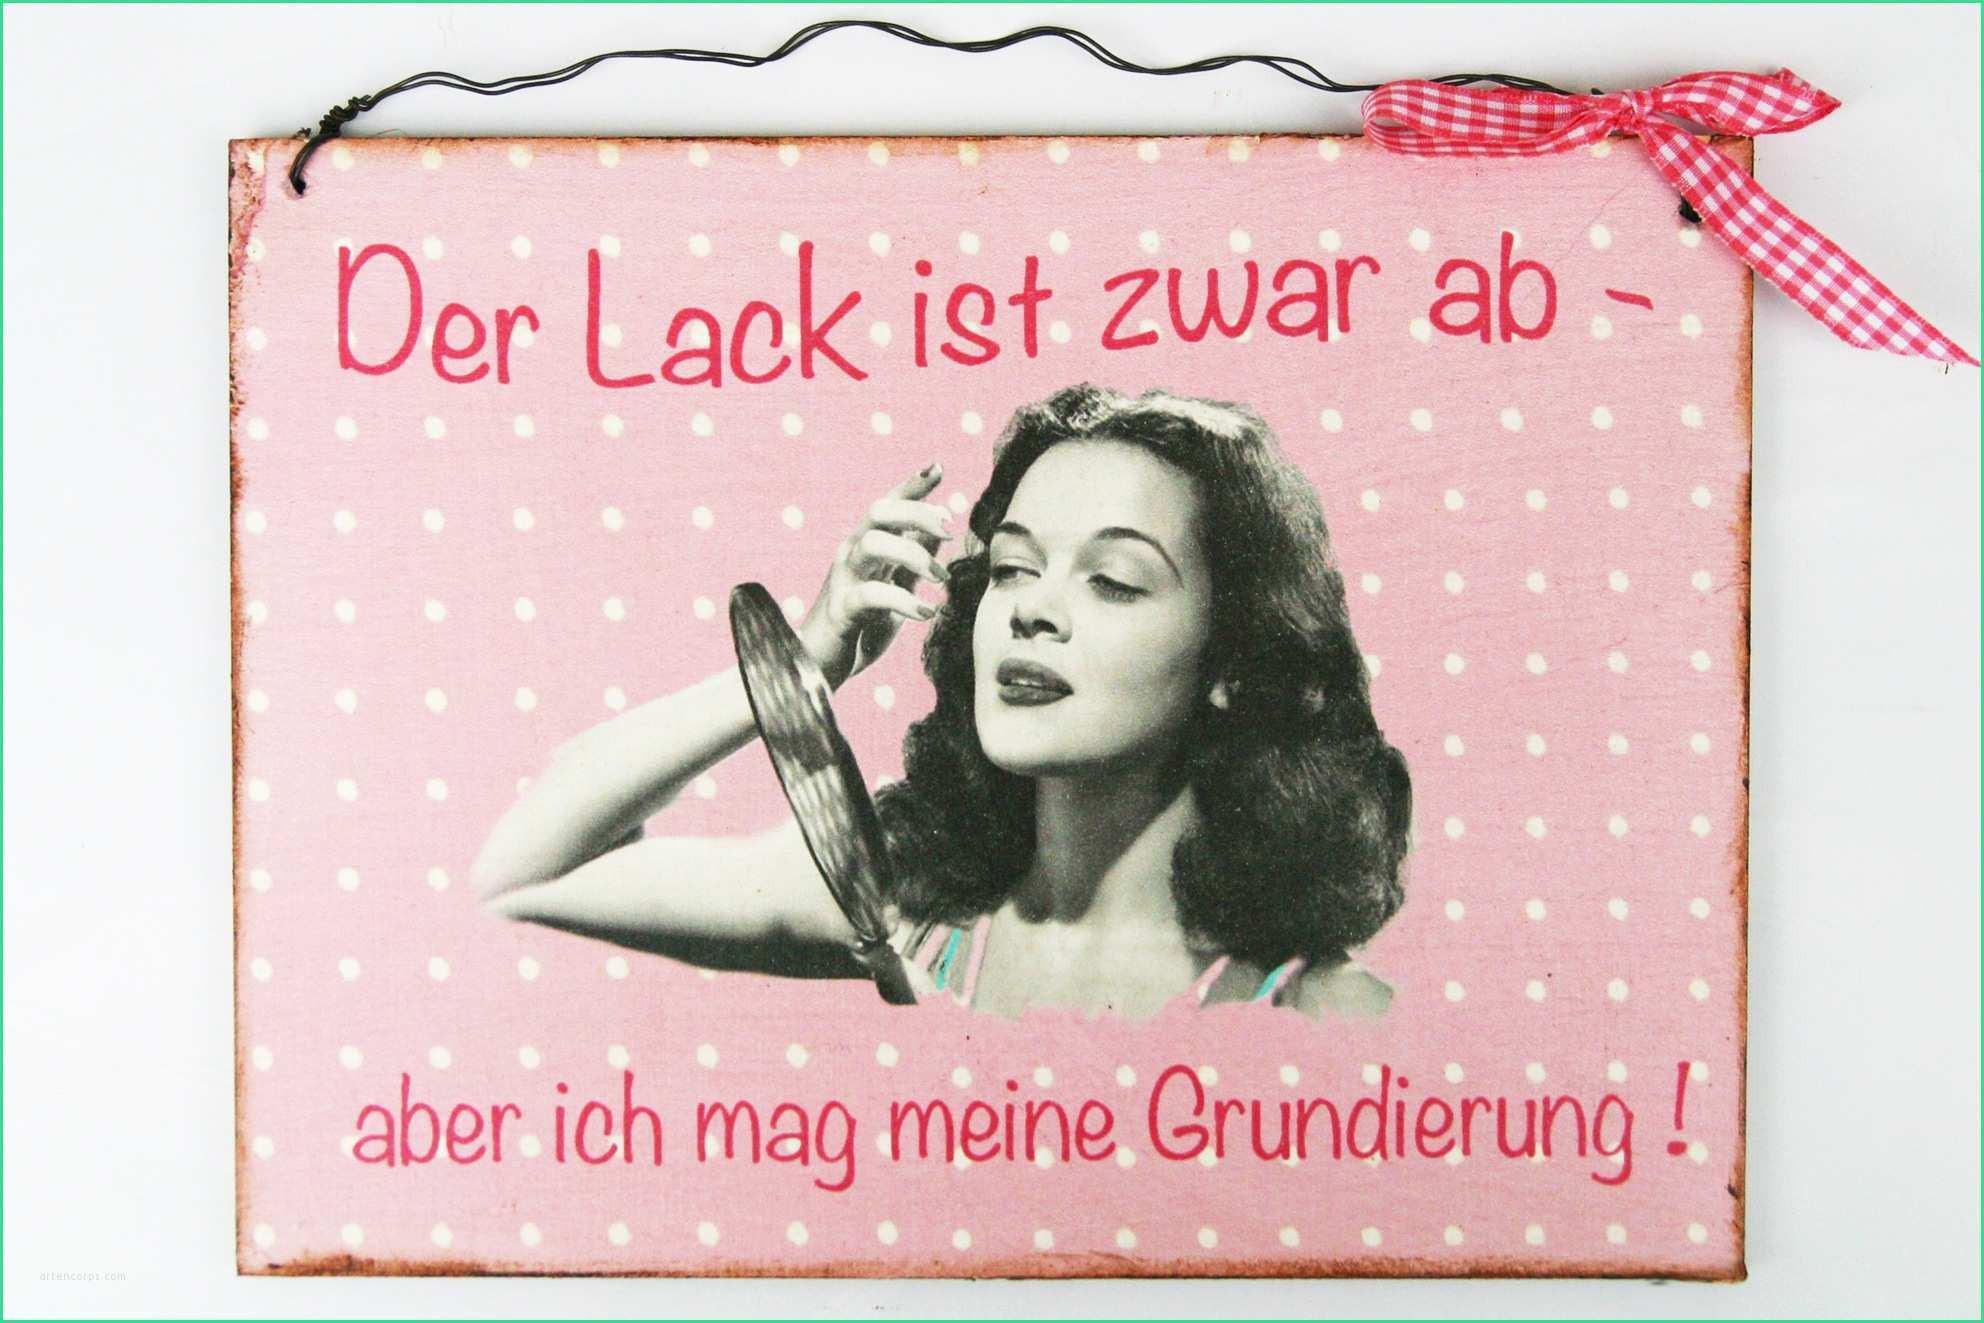 Geburtstagssprüche 40  Geburtstagssprüche 40 Frau Lustig Great Geschenk 80